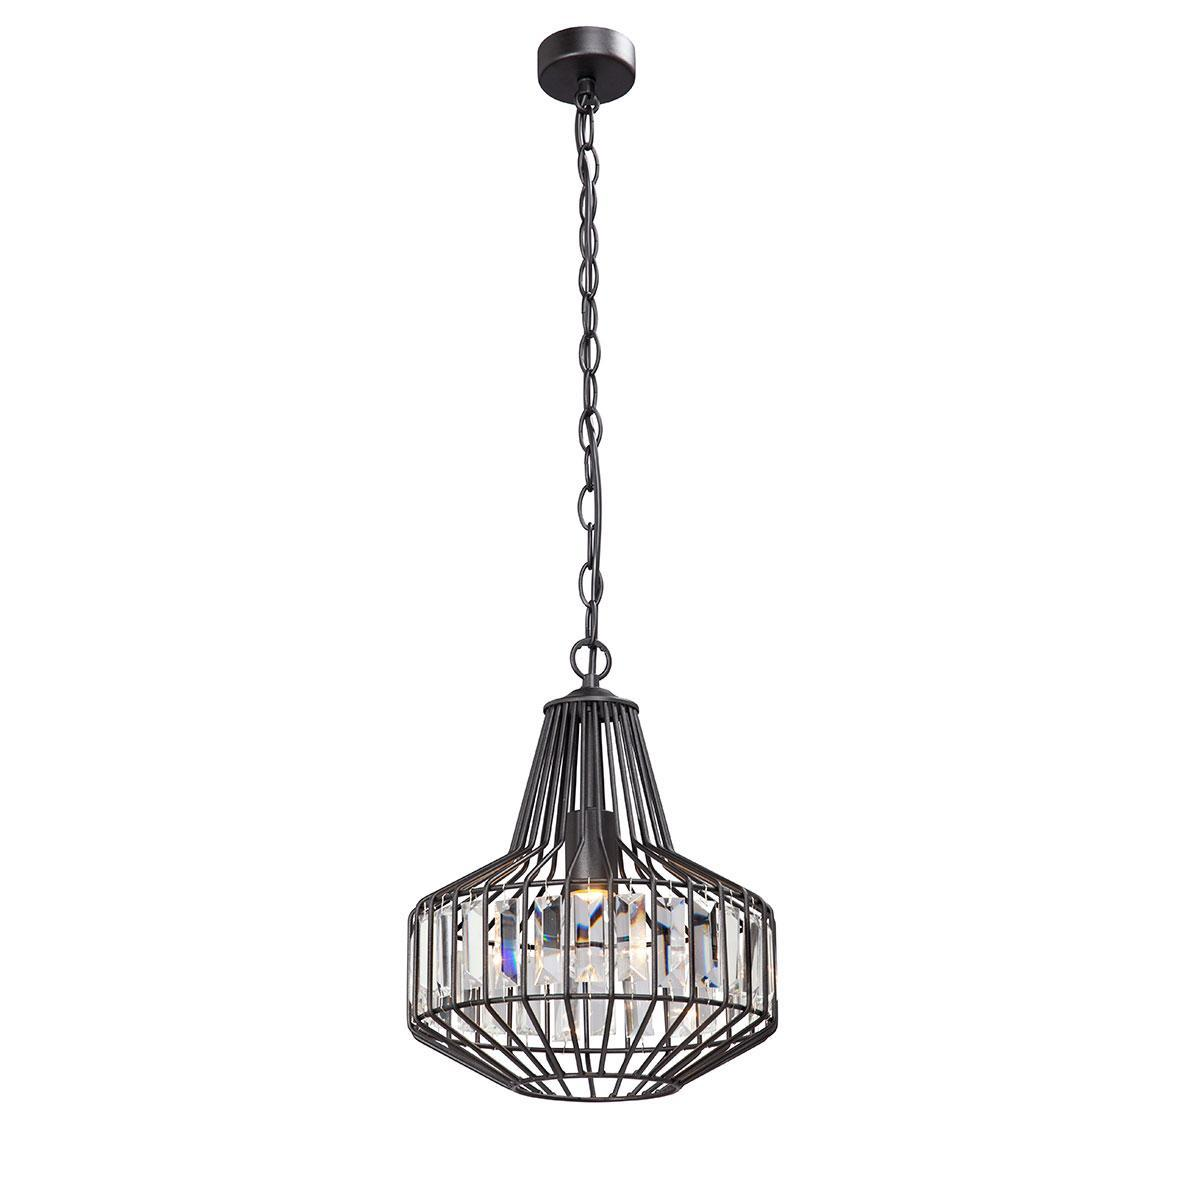 Подвесной светильник Vitaluce V4245-1/1S подвесной светильник vitaluce v4168 1 1s